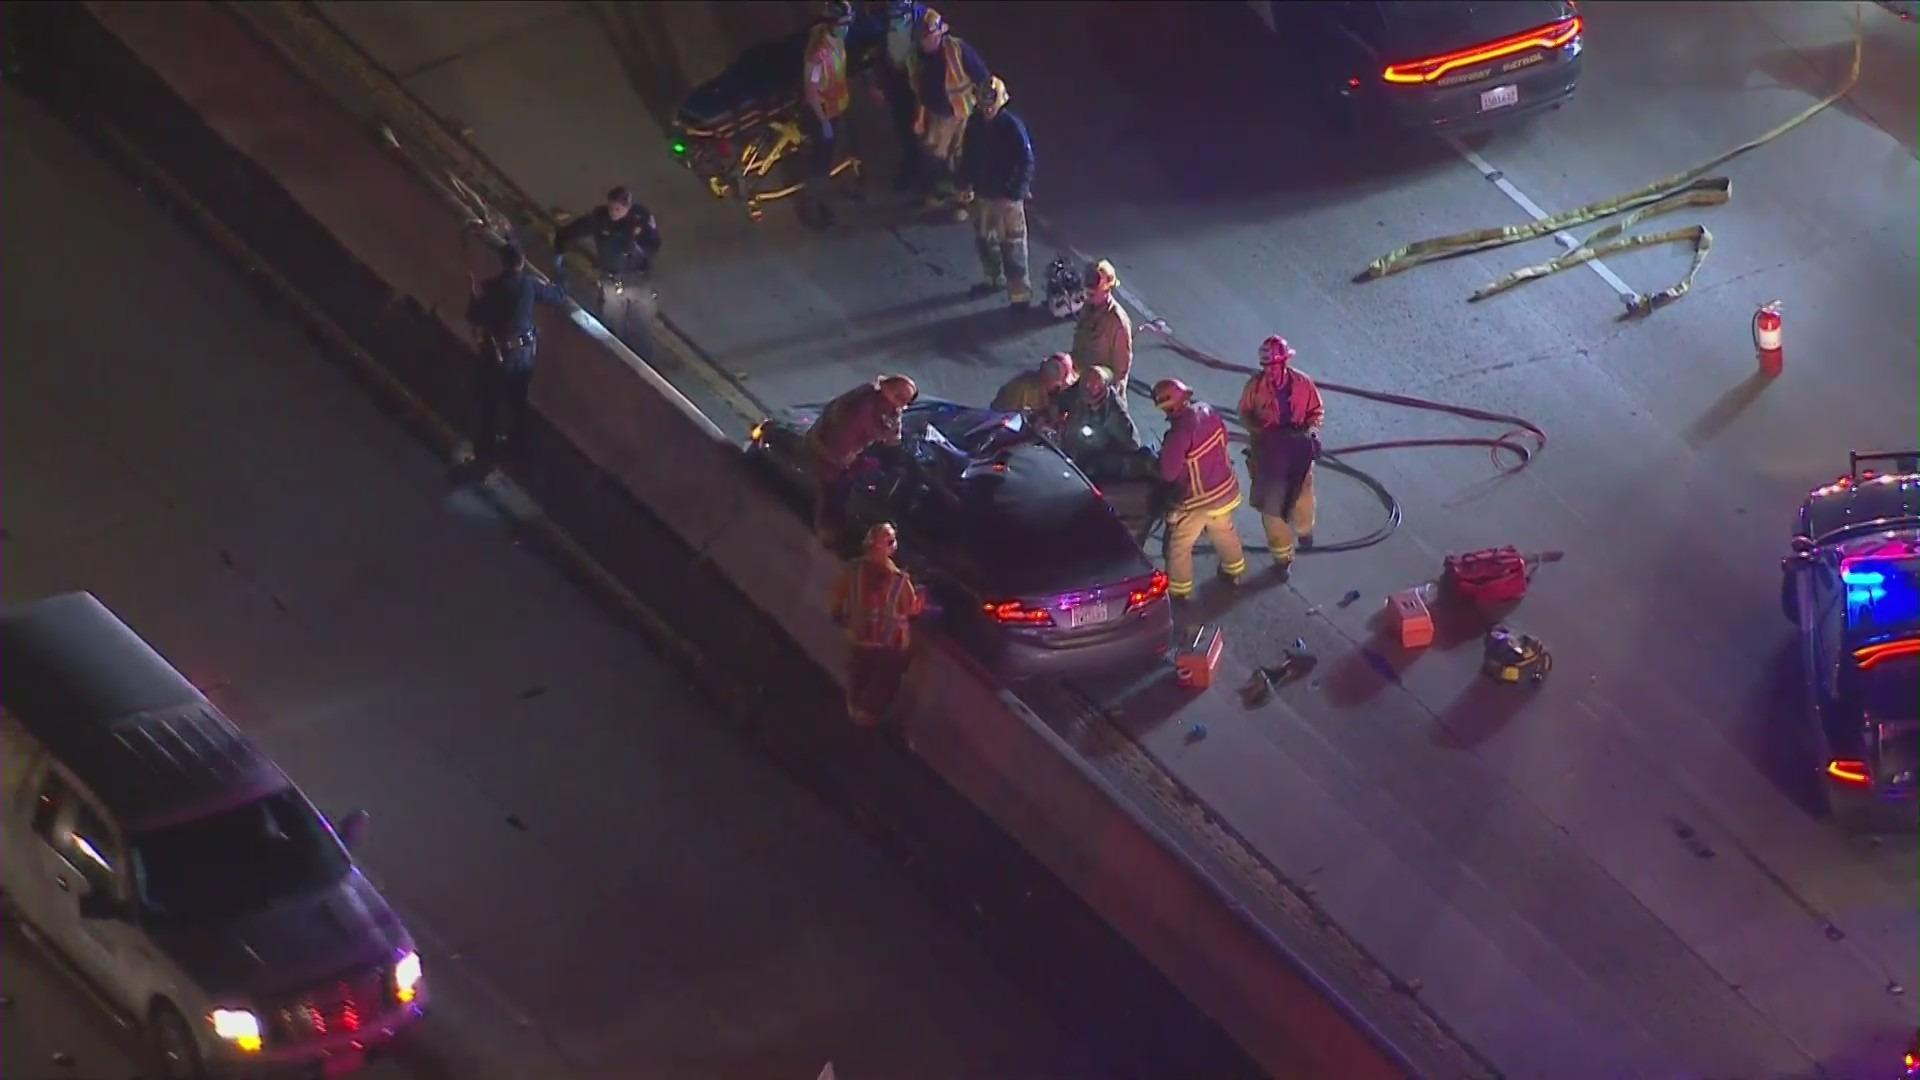 Emergency crews respond to an injury crash in East Los Angeles on Nov. 24, 2020. (KTLA)